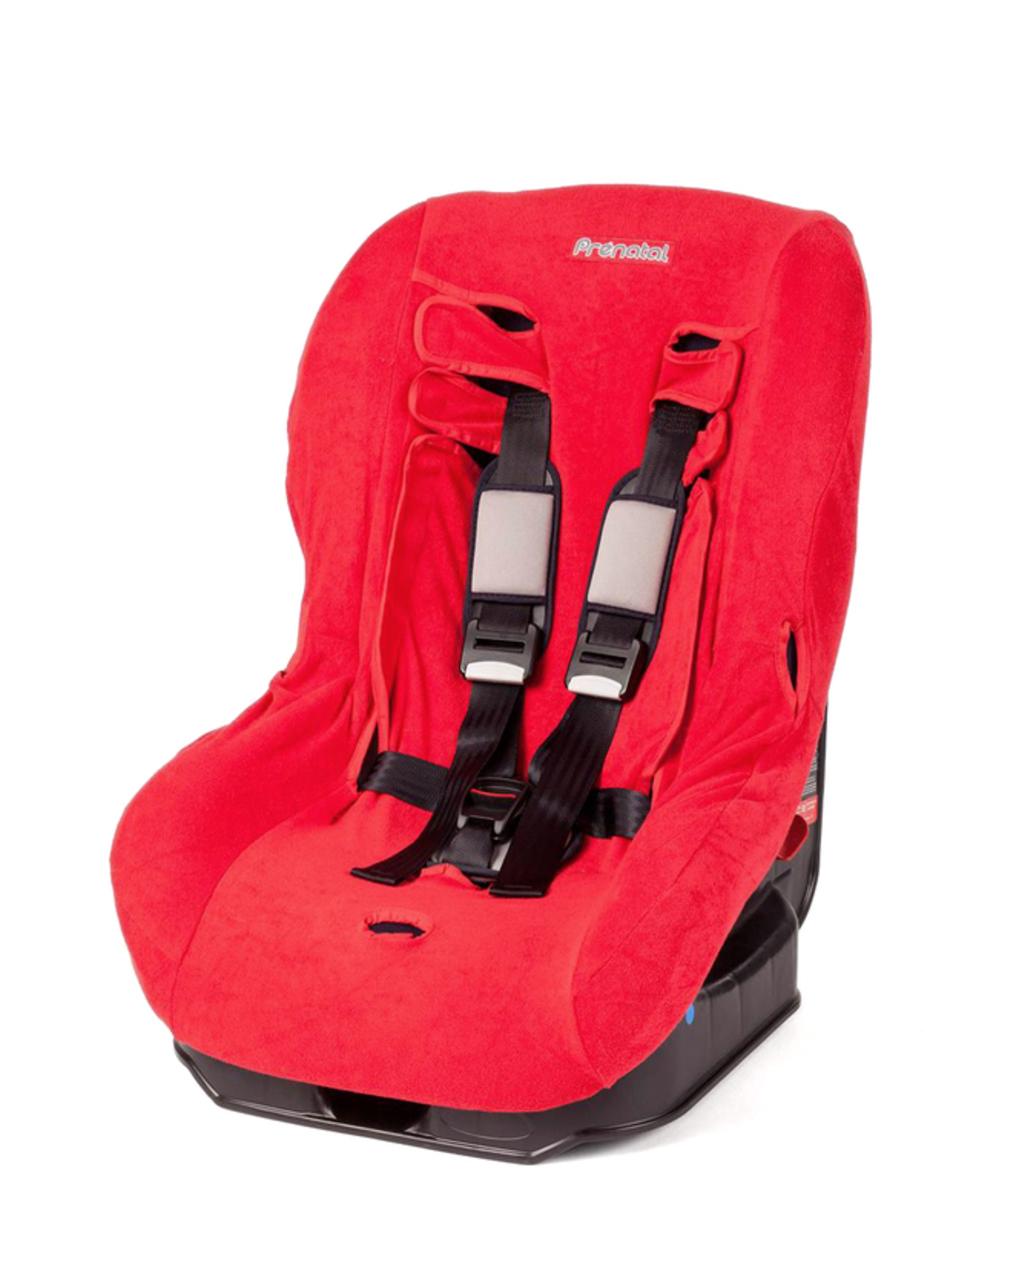 Capa de assento de carro de esponja vermelha gr.1 - Giordani